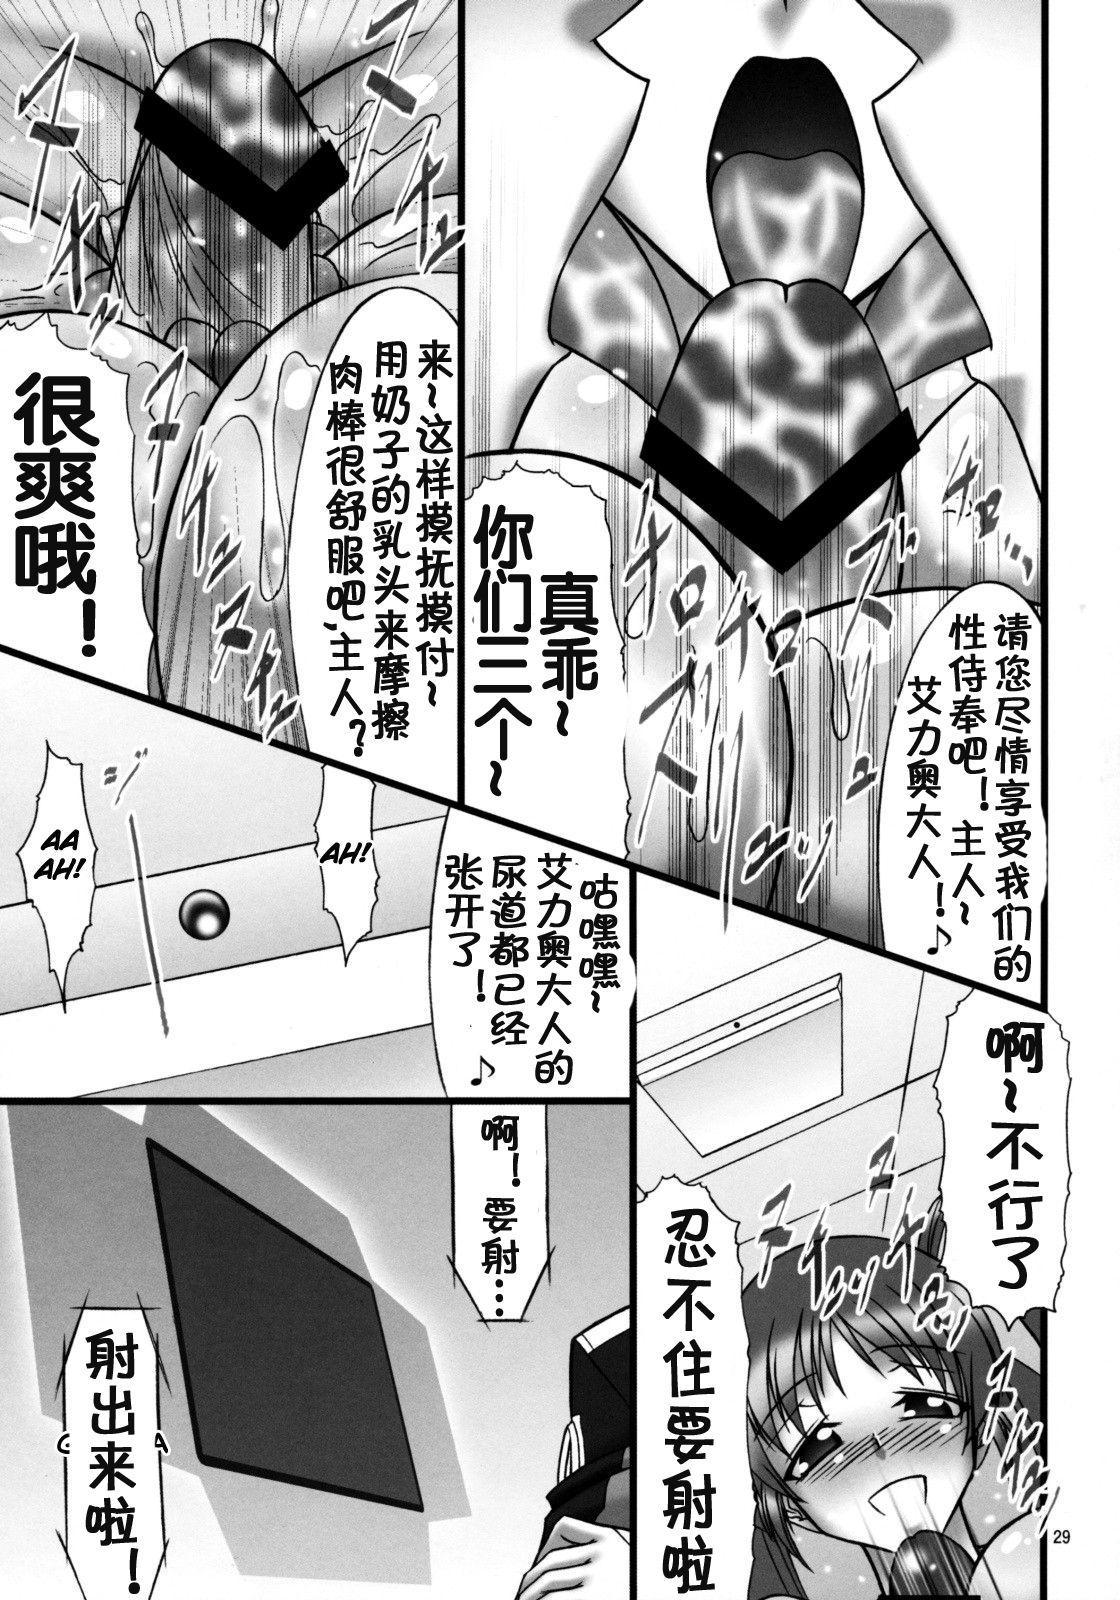 Angel's stroke 22 Datenshi Gekitsui 29